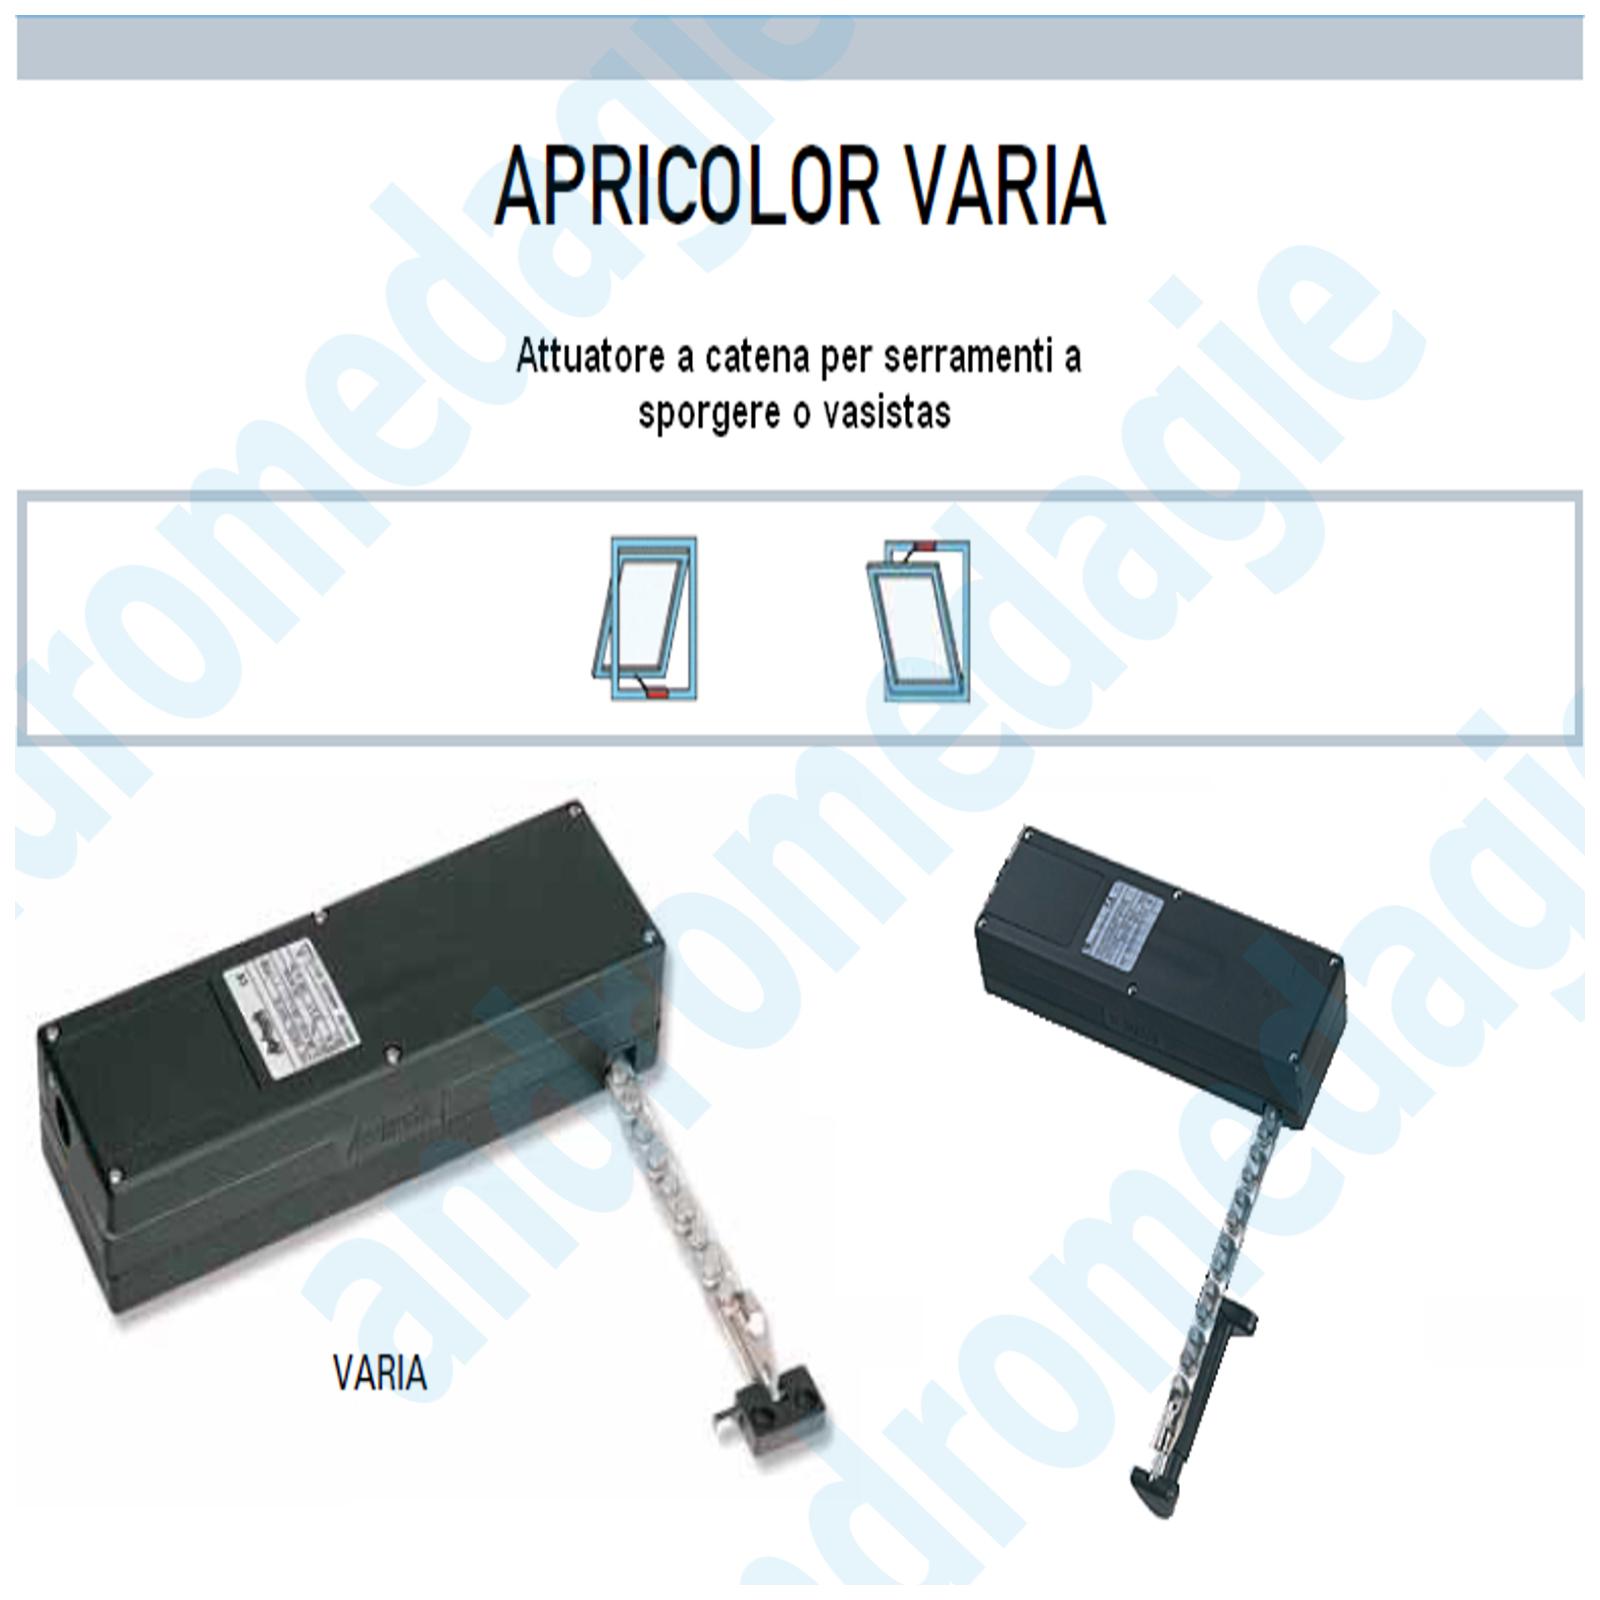 APRICOLOR VARIA 230V BIANCO + KIT VASISTAS